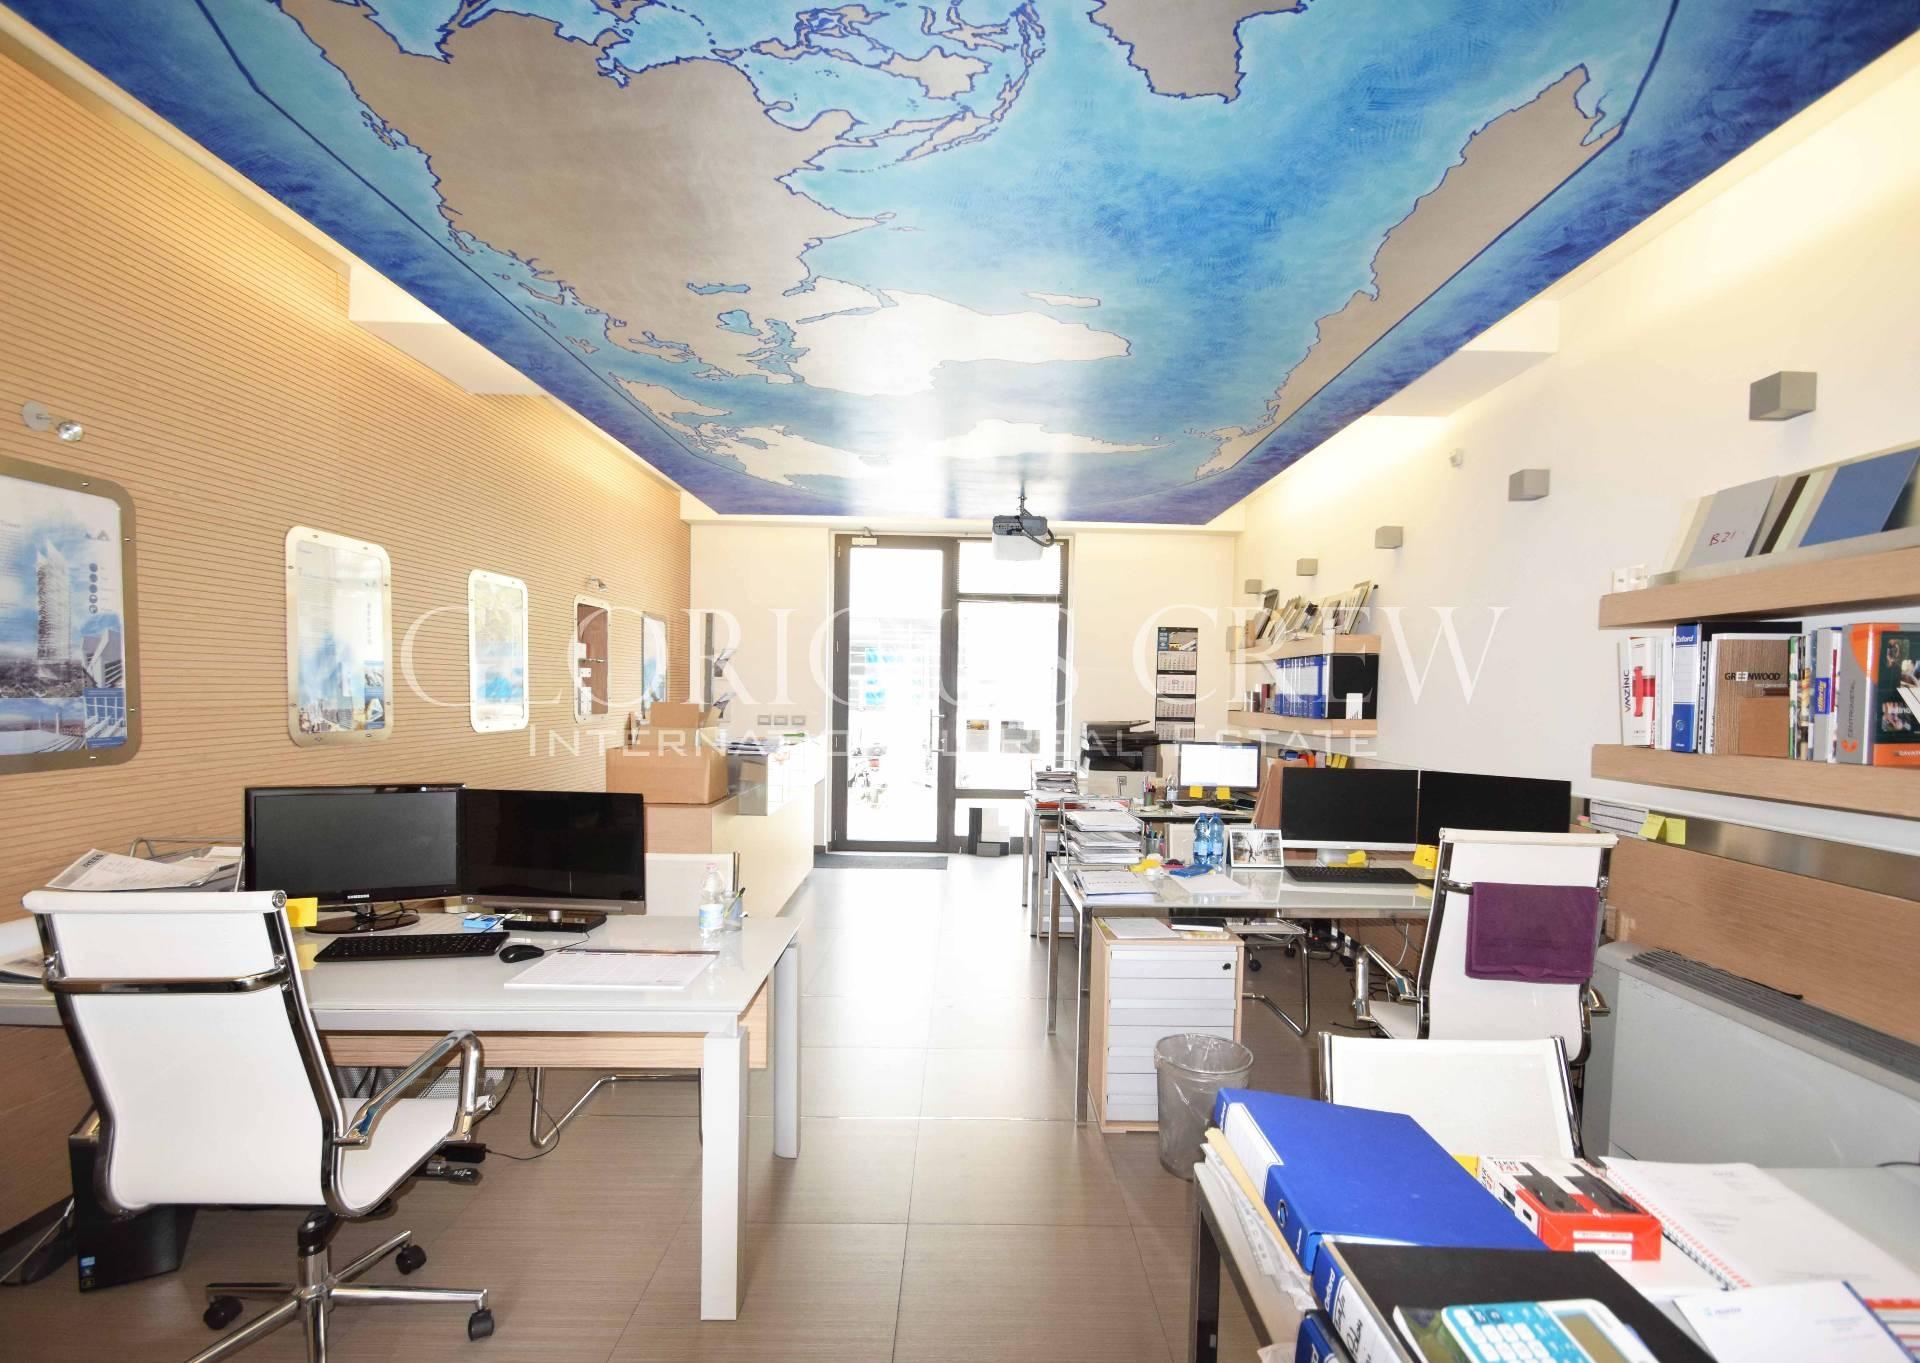 Ufficio-studio in Vendita a Milano: 1 locali, 90 mq